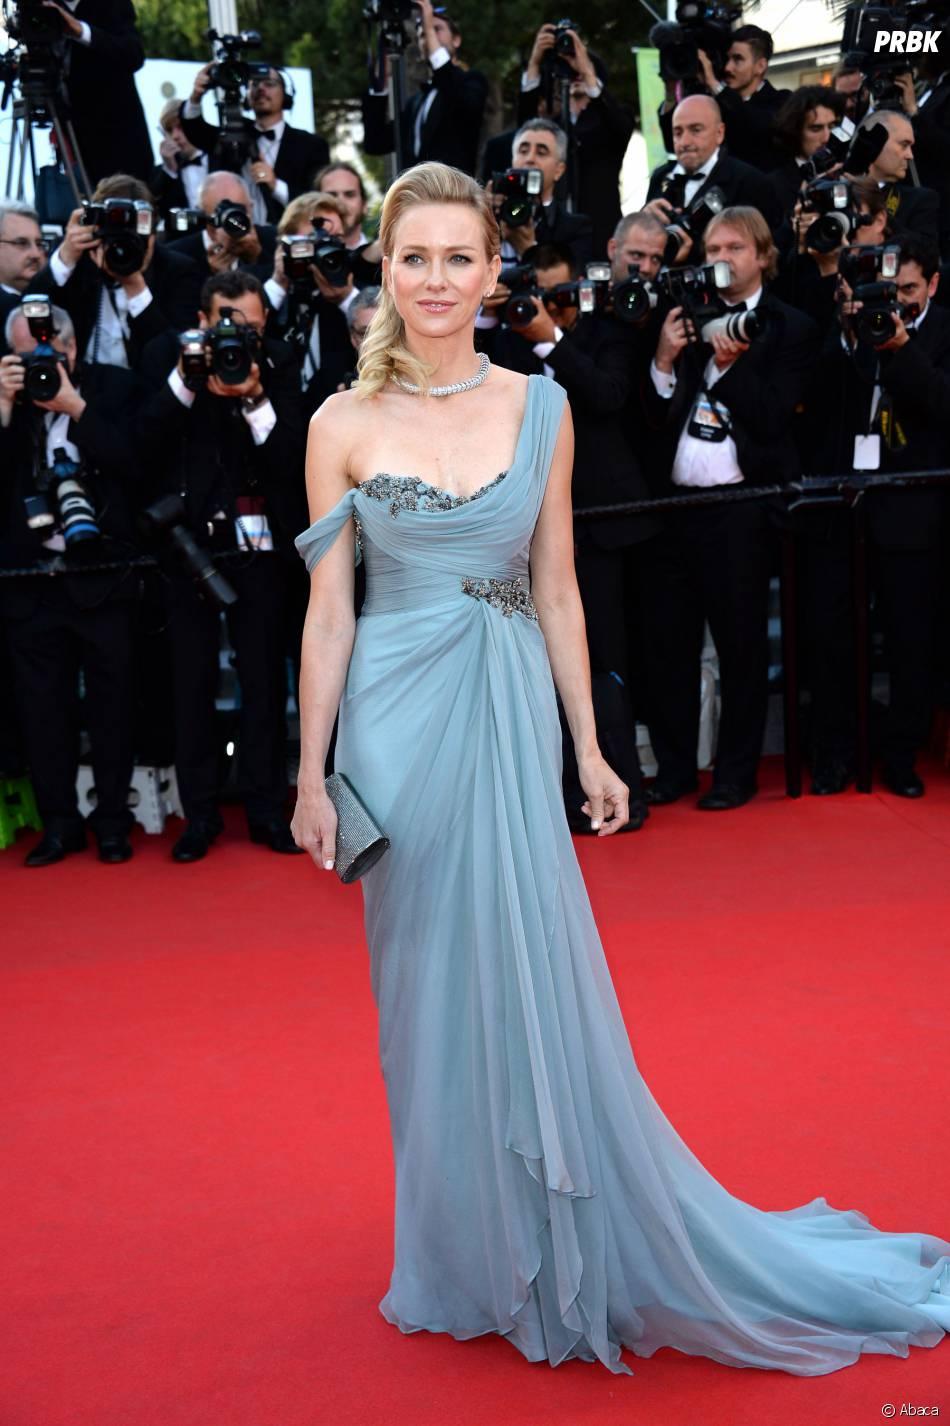 Naomi Watts sur le tapis rouge du Festival de Cannes 2014, le vendredi 16 mai